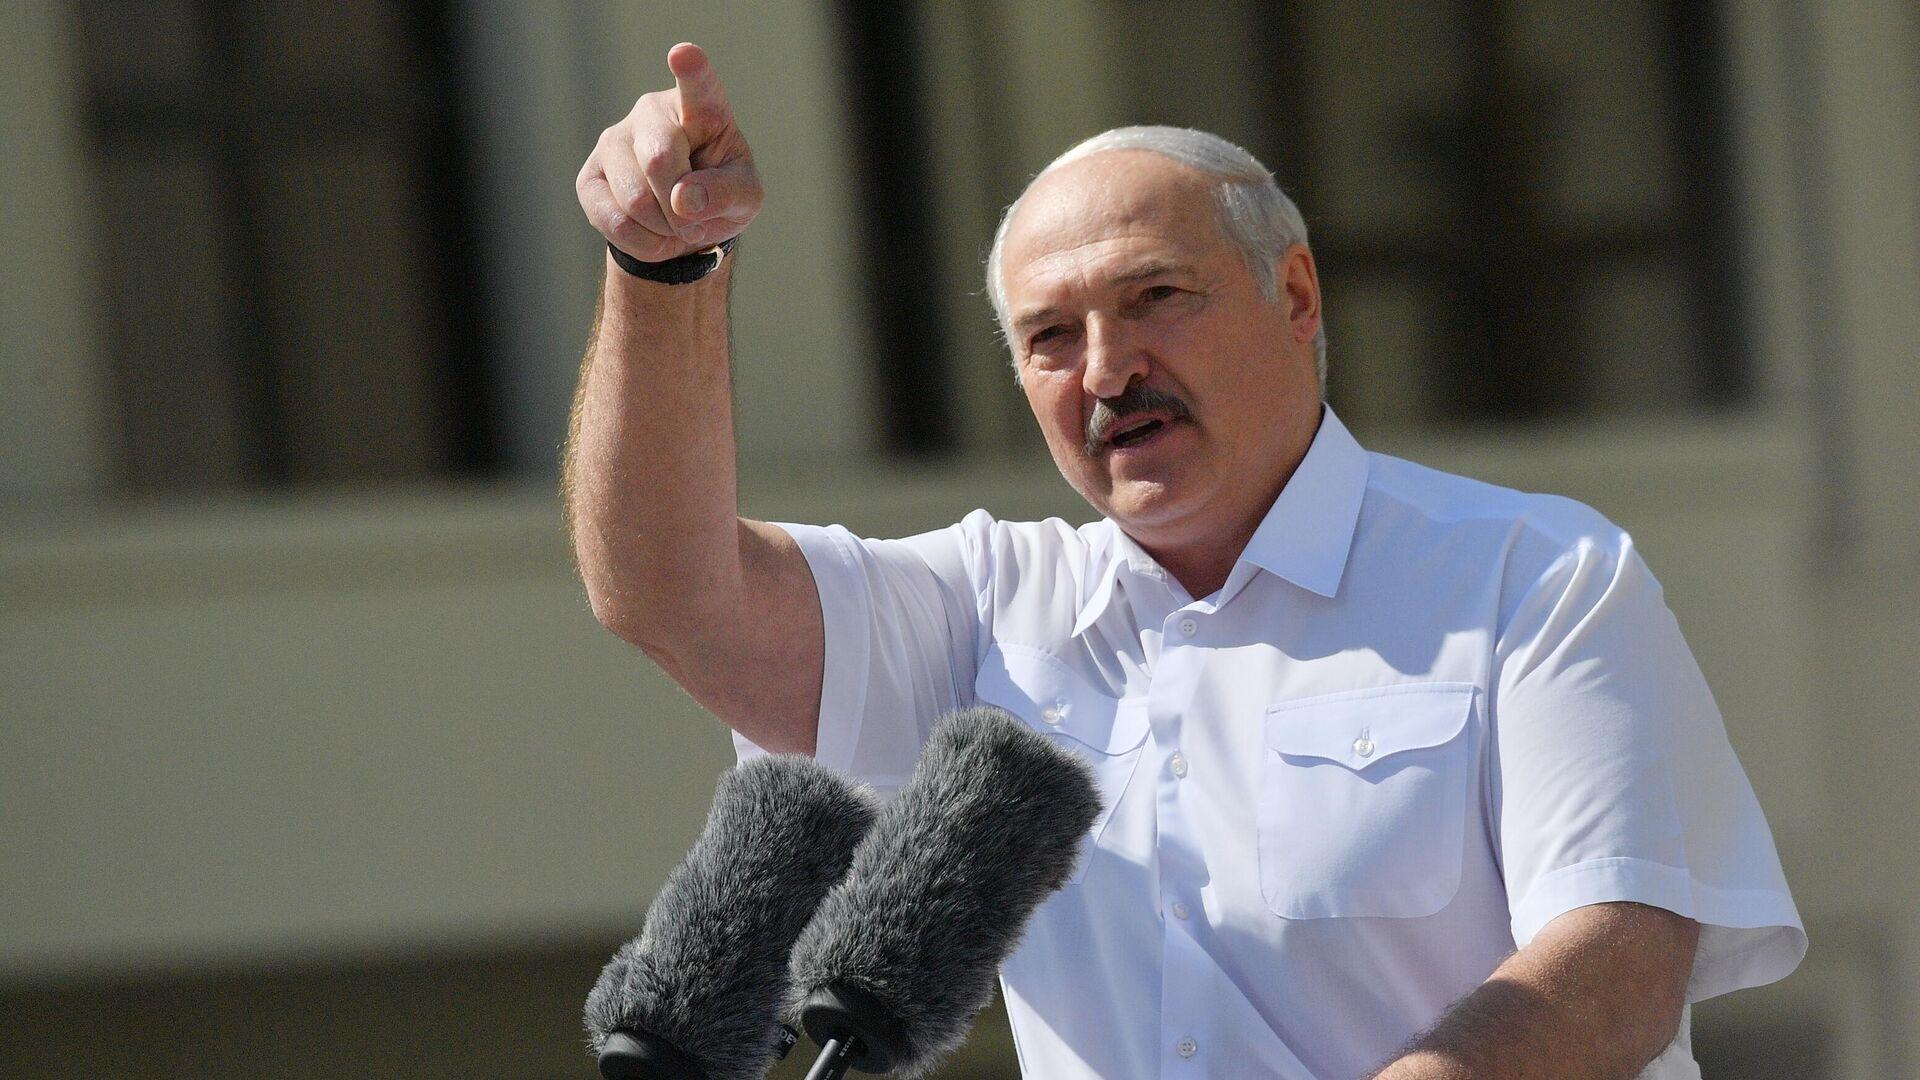 Президент Белоруссии Александр Лукашенко выступает на митинге, организованном в его поддержку - РИА Новости, 1920, 10.09.2020